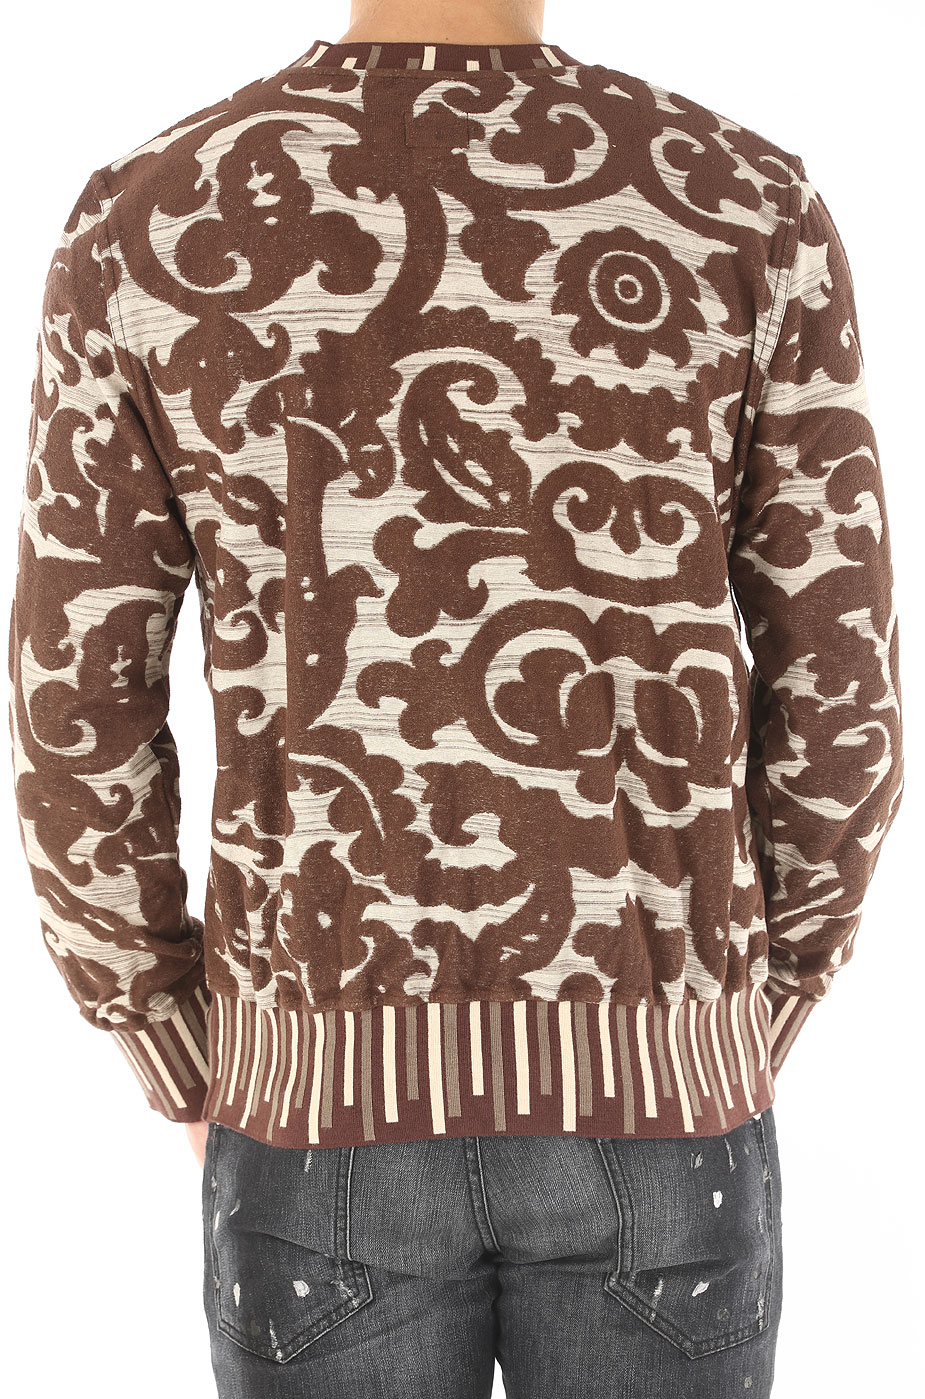 Abbigliamento Uomo Vivienne Westwood, Codice Articolo: s25gu0070-s2285-